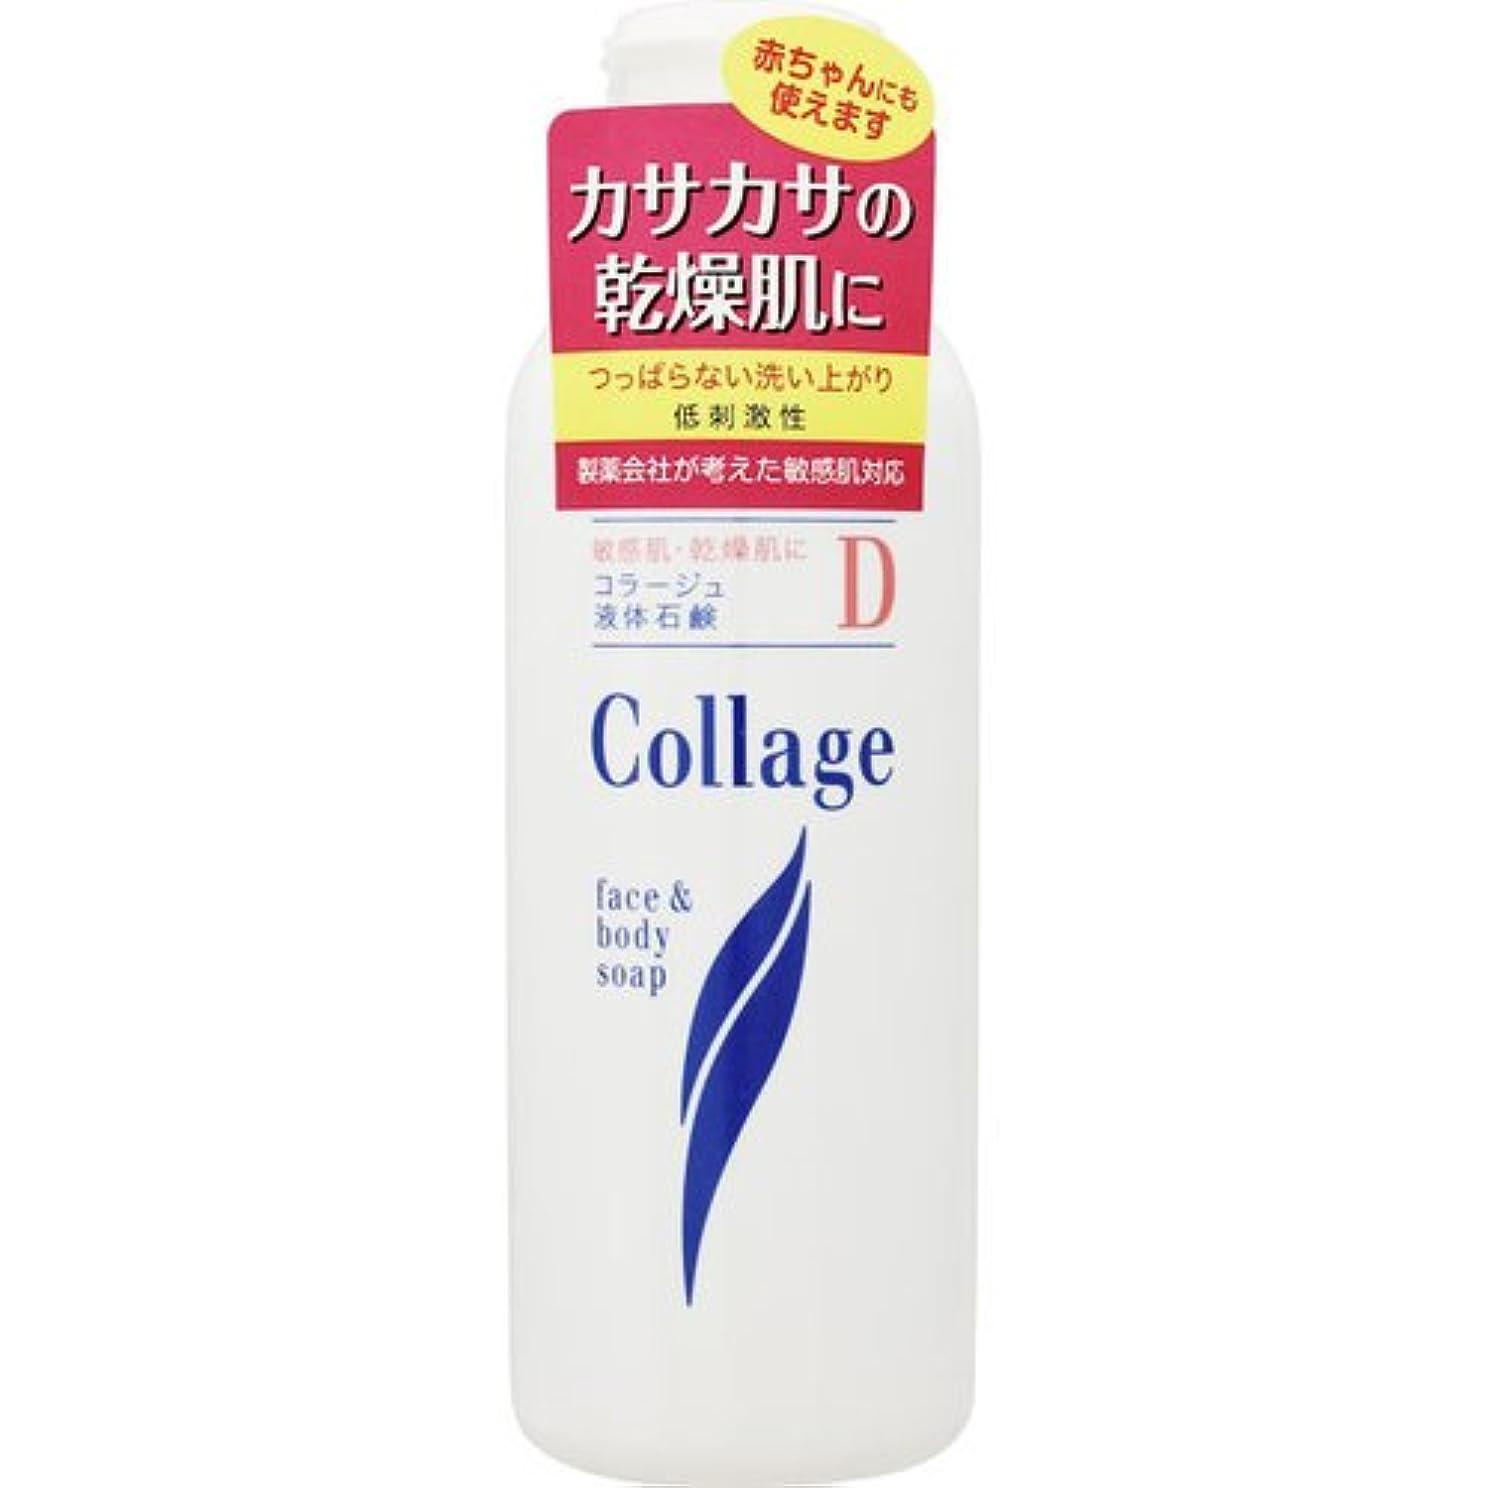 細菌スカーフ無効にする持田ヘルスケア コラージュD液体石鹸 (200mL) 敏感肌 液体洗顔料 コラージュ